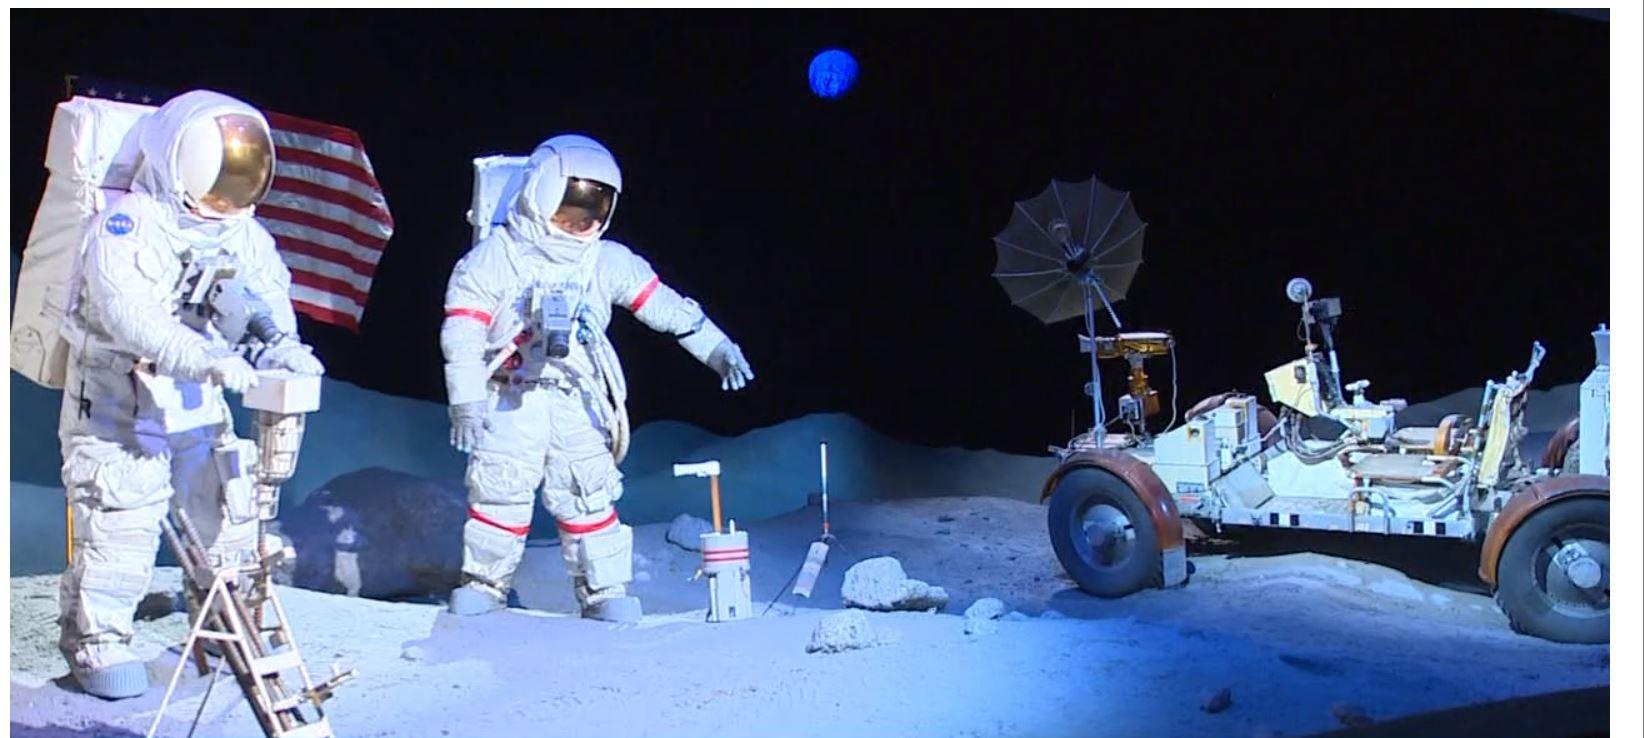 apollo 11 space center houston - photo #21